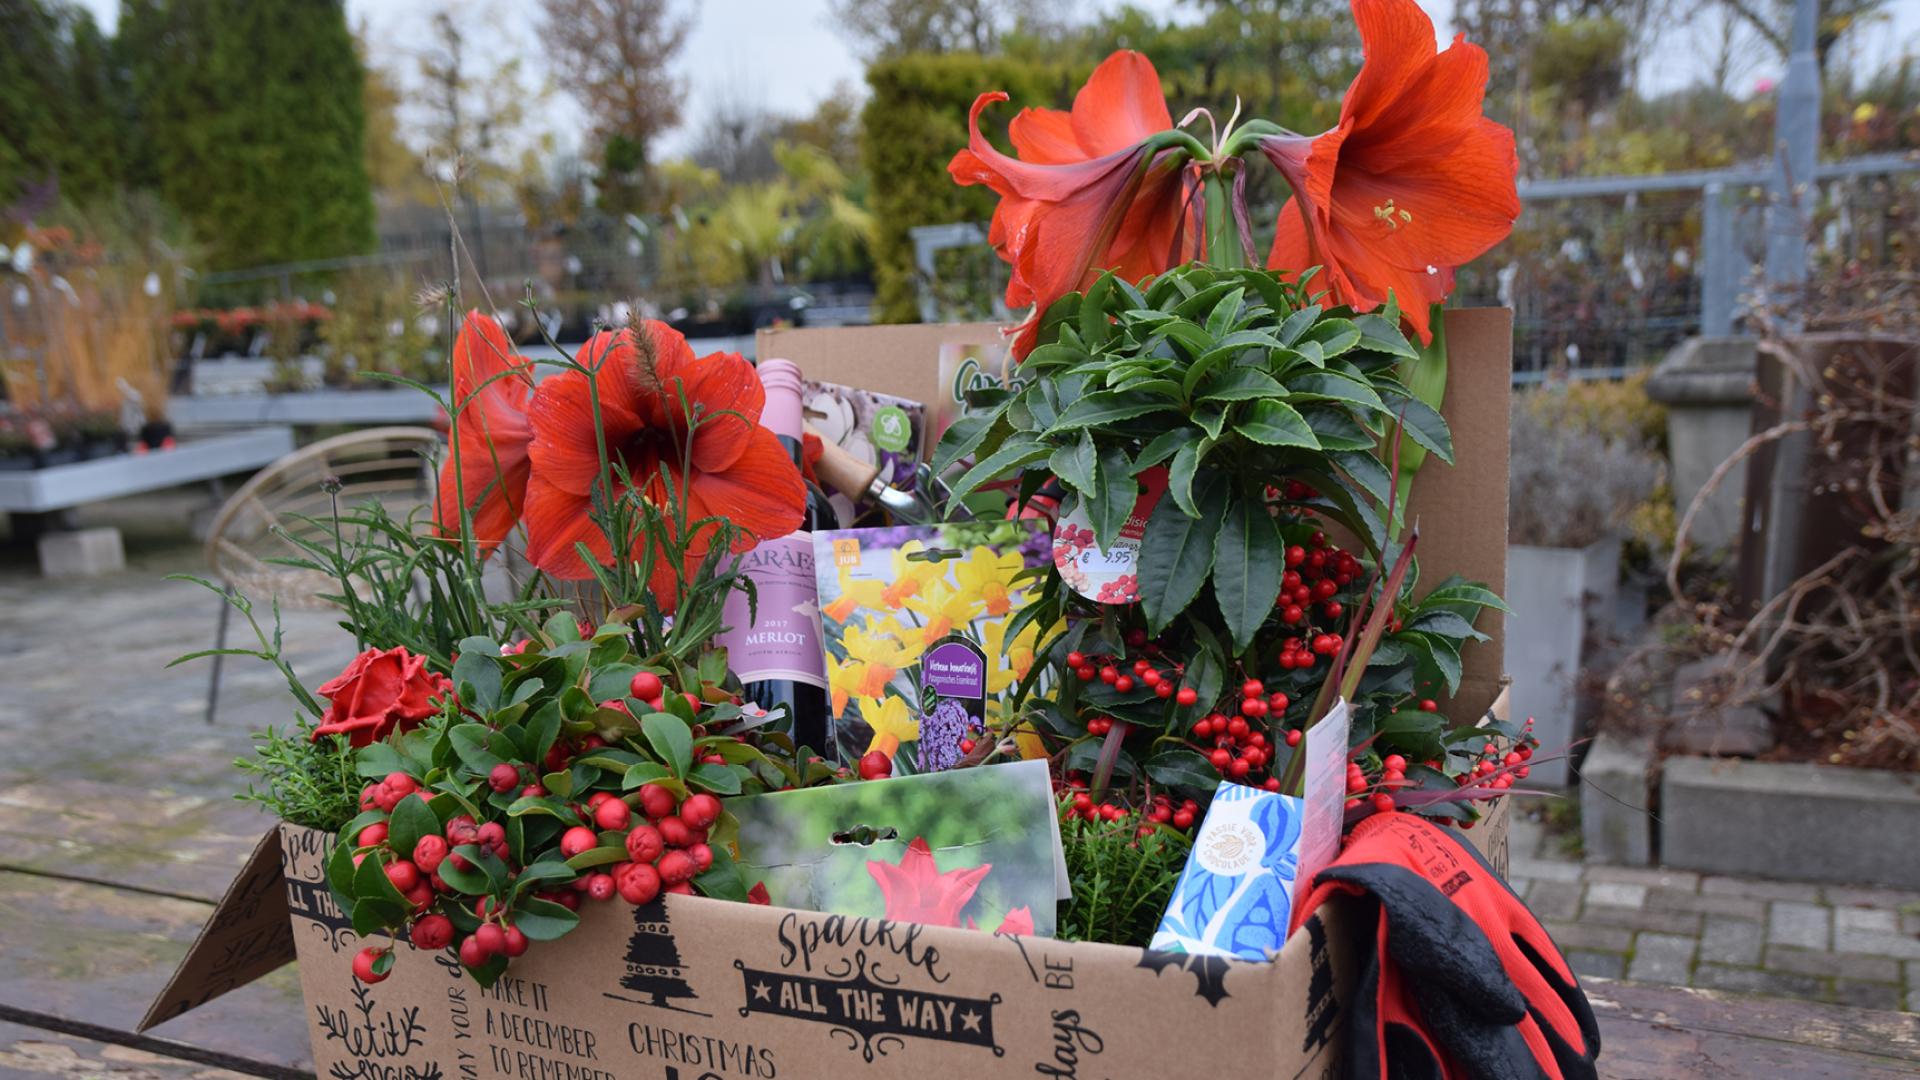 Kerstpakket idee gezocht: geef planten cadeau!